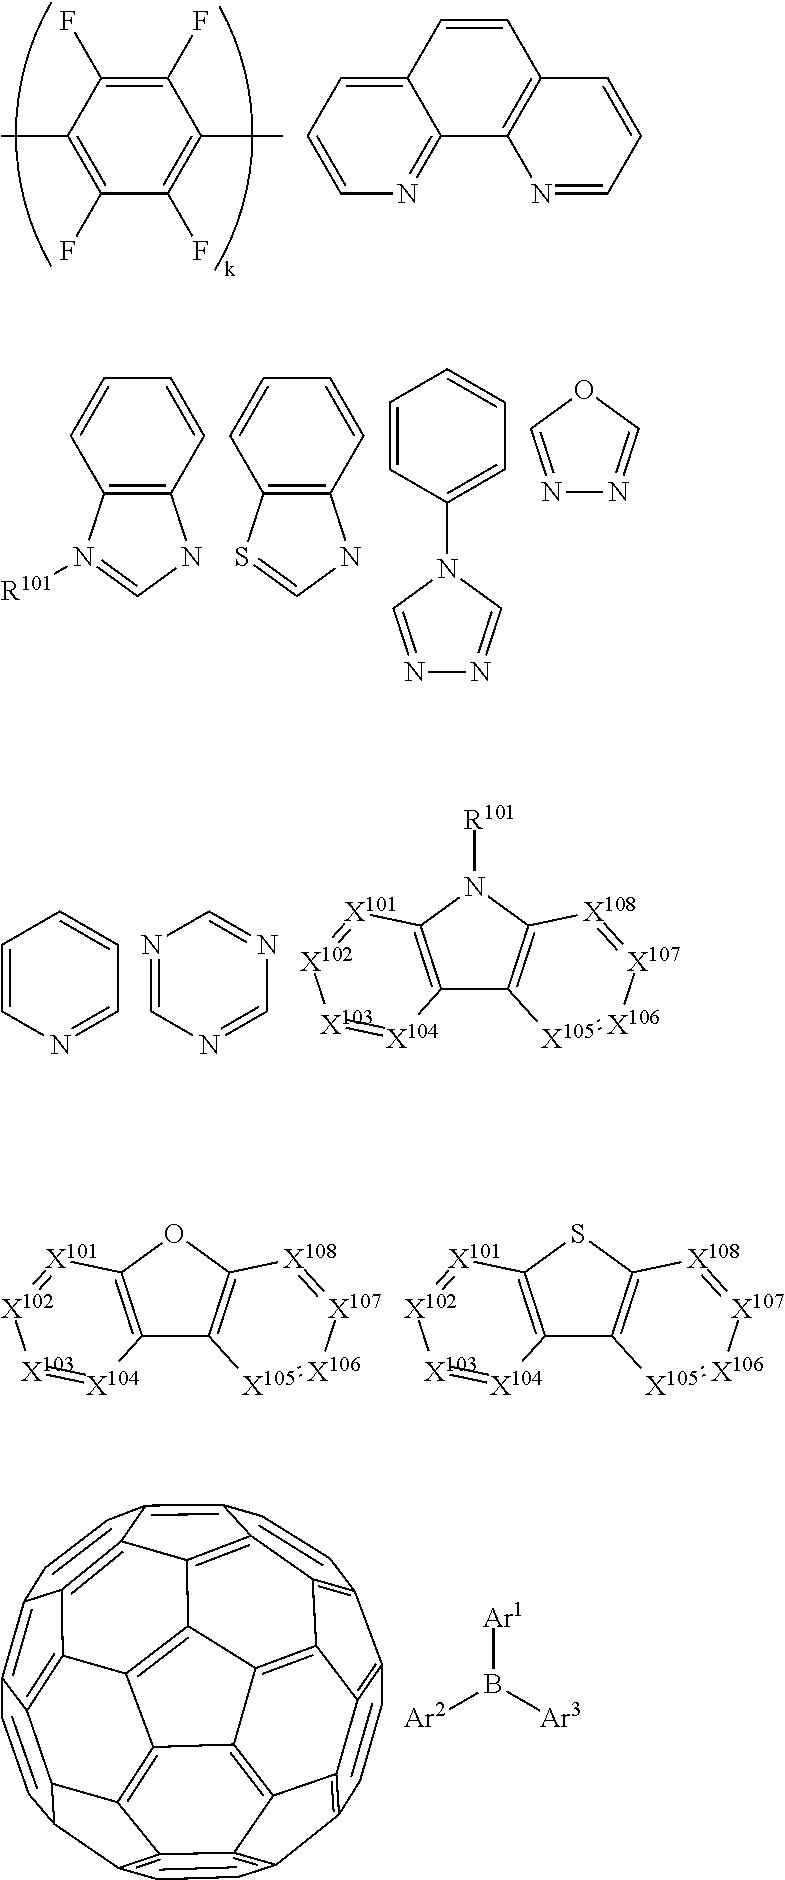 Figure US09871212-20180116-C00122